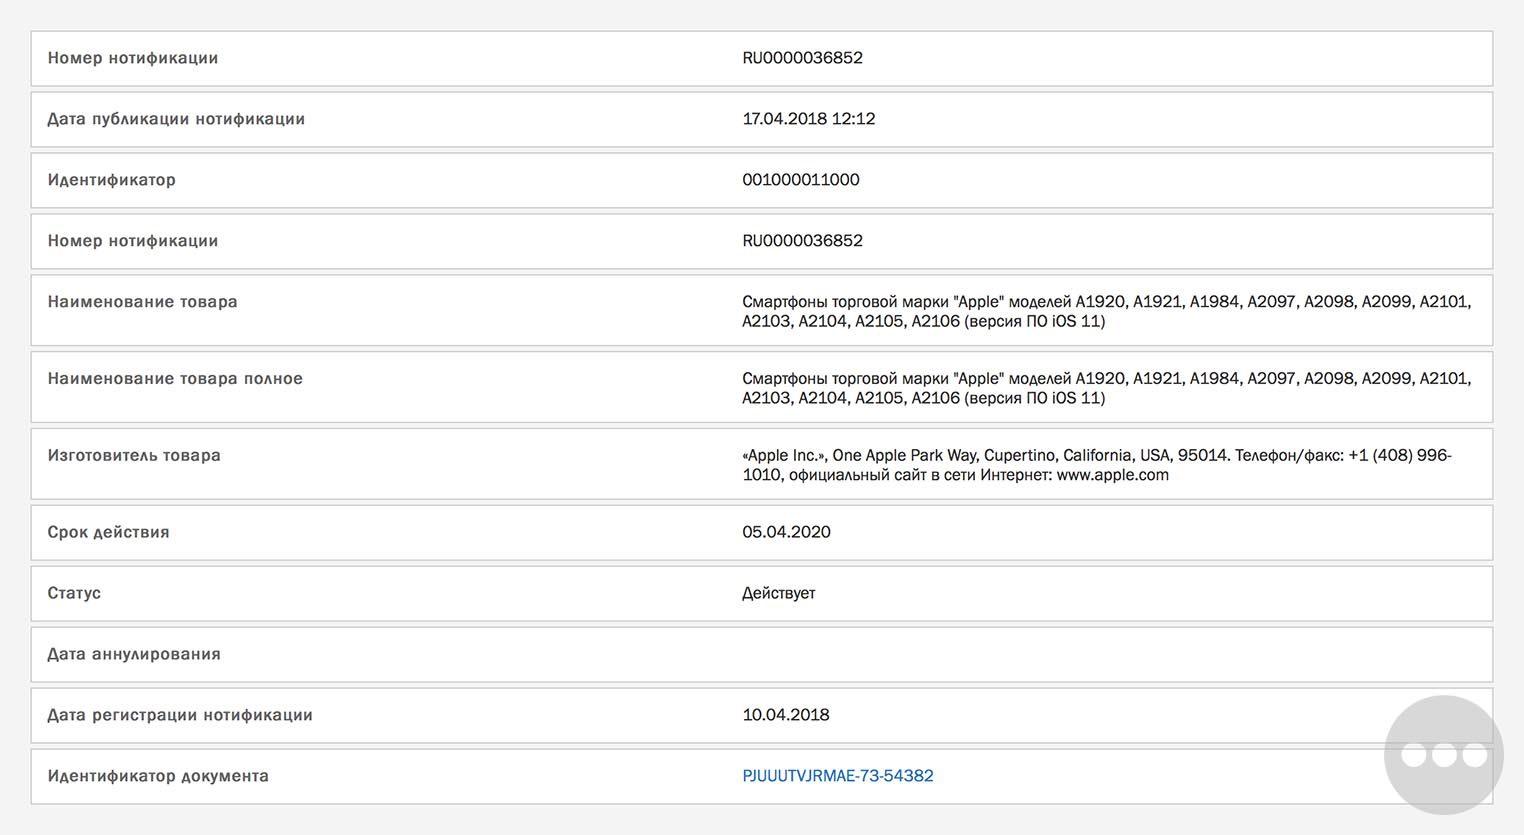 iphone se 2, foto elenco registrazioni apple commissione eurasiatica